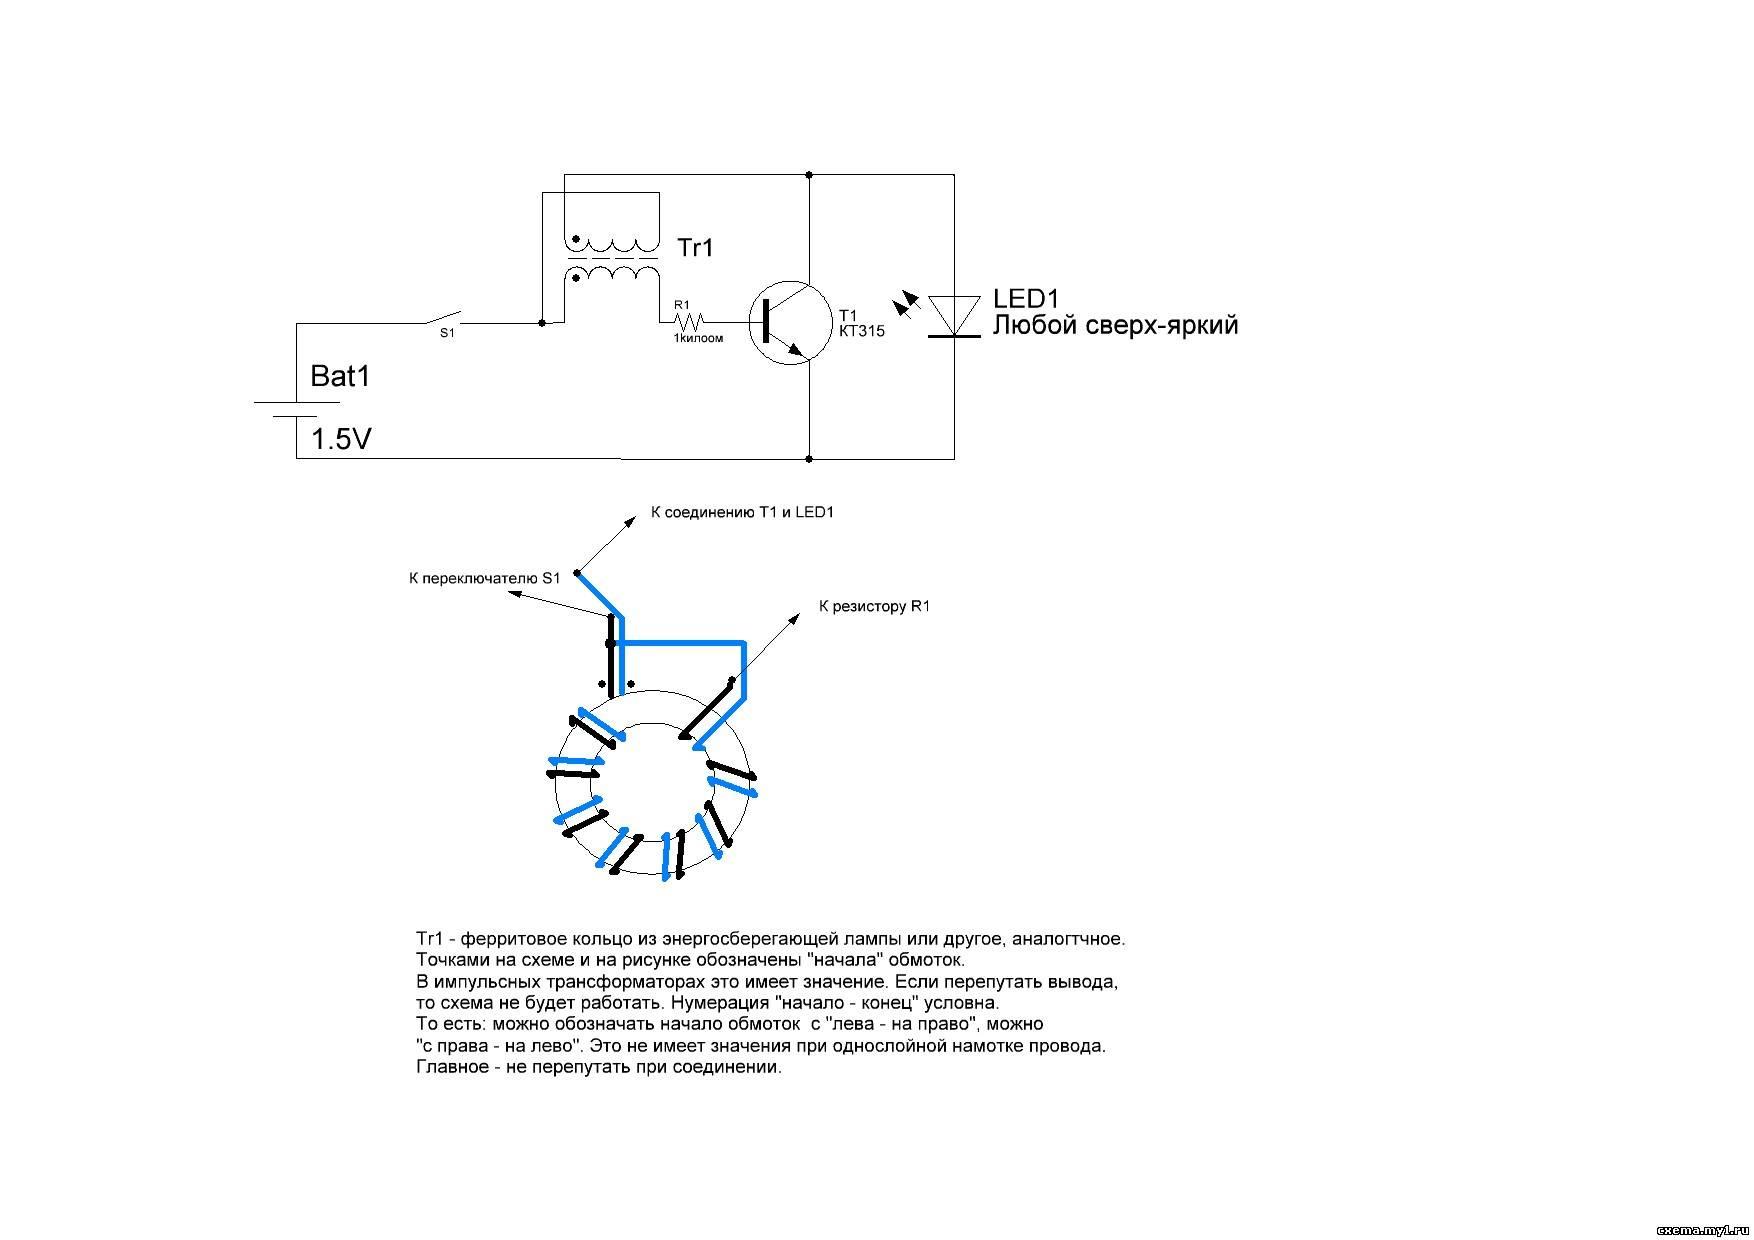 Преобразователь для светодиода схема фото 814